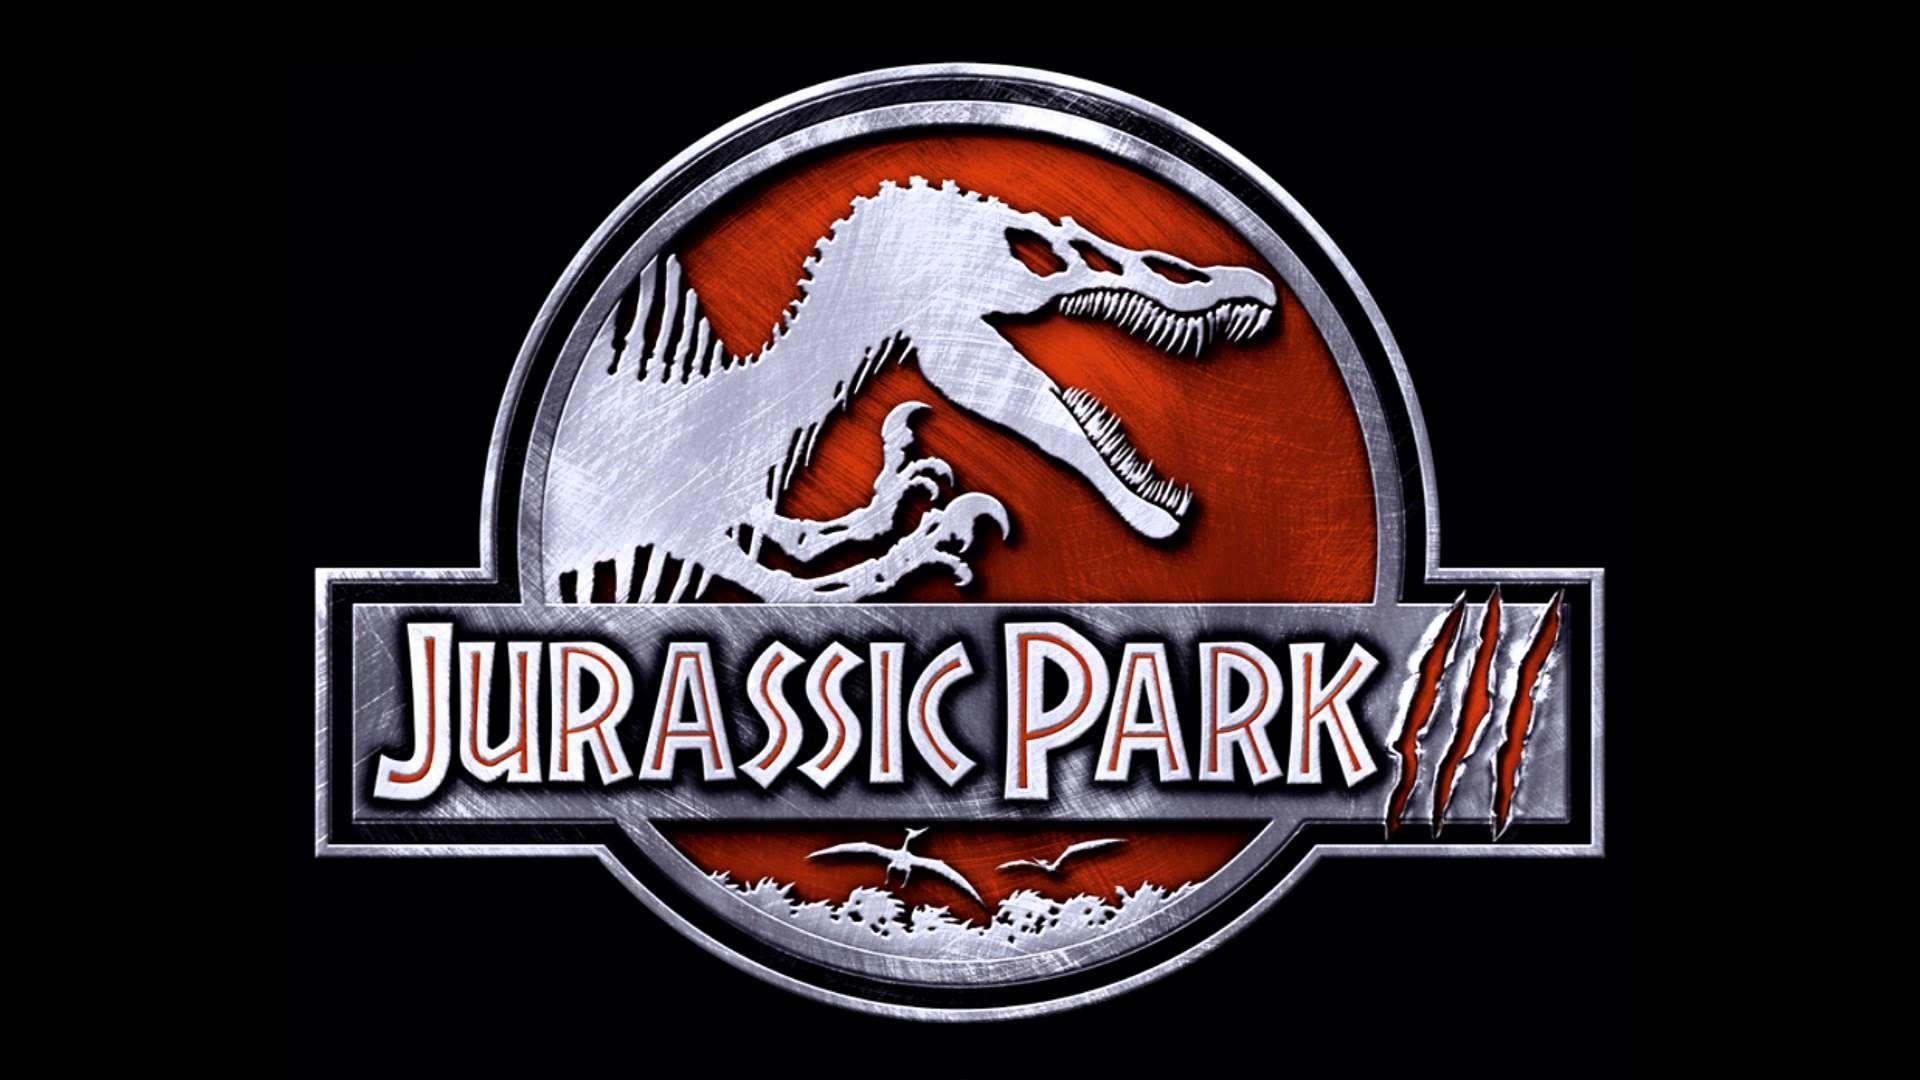 ¿Cómo se llama el director de Jurassic Park ///?